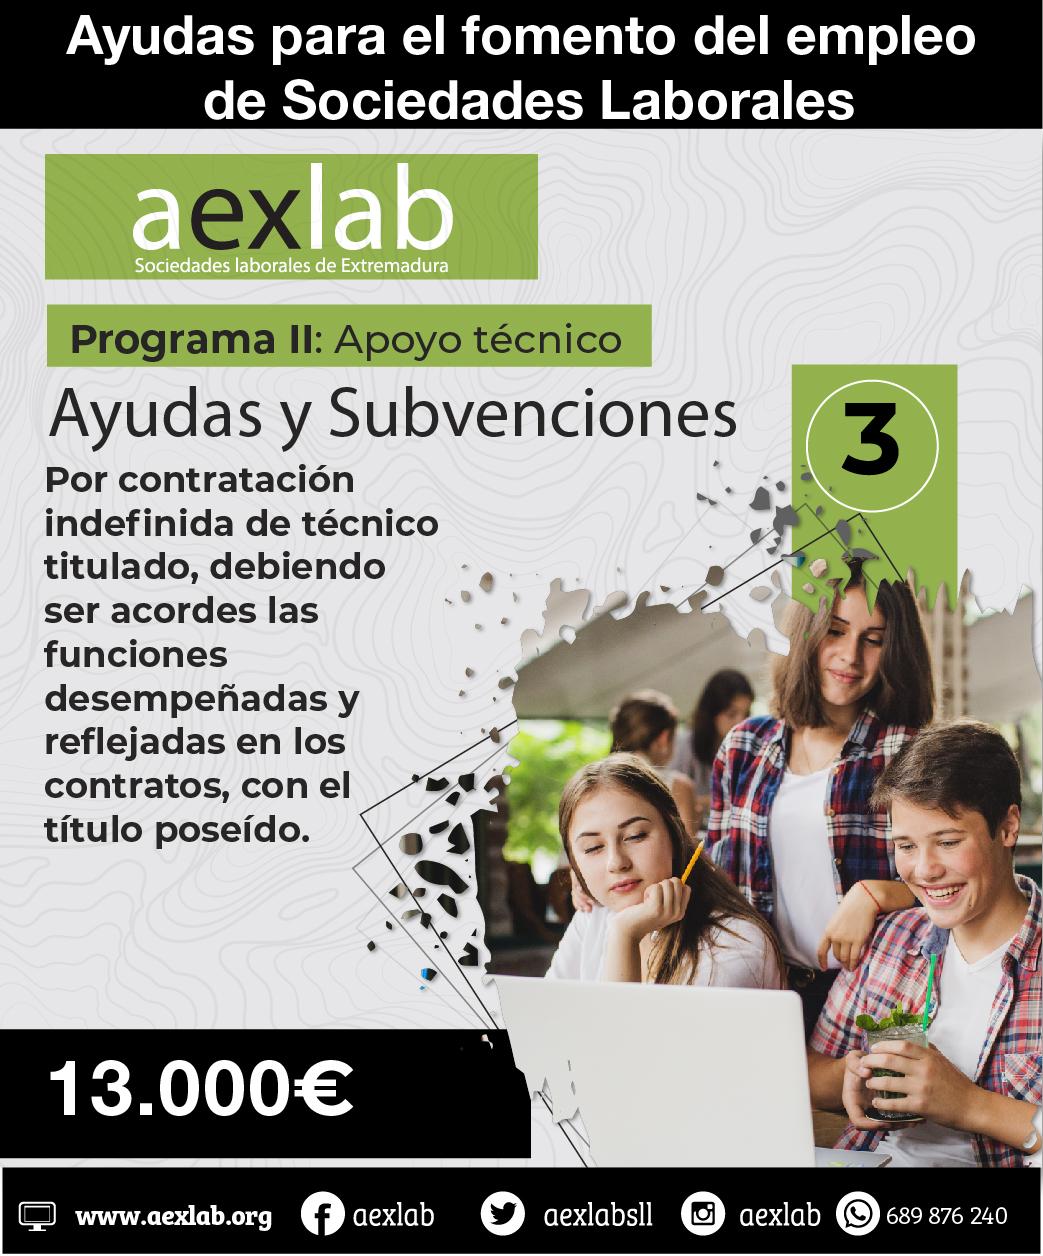 Ayudas programa 2 apoyo tecnico aexlab